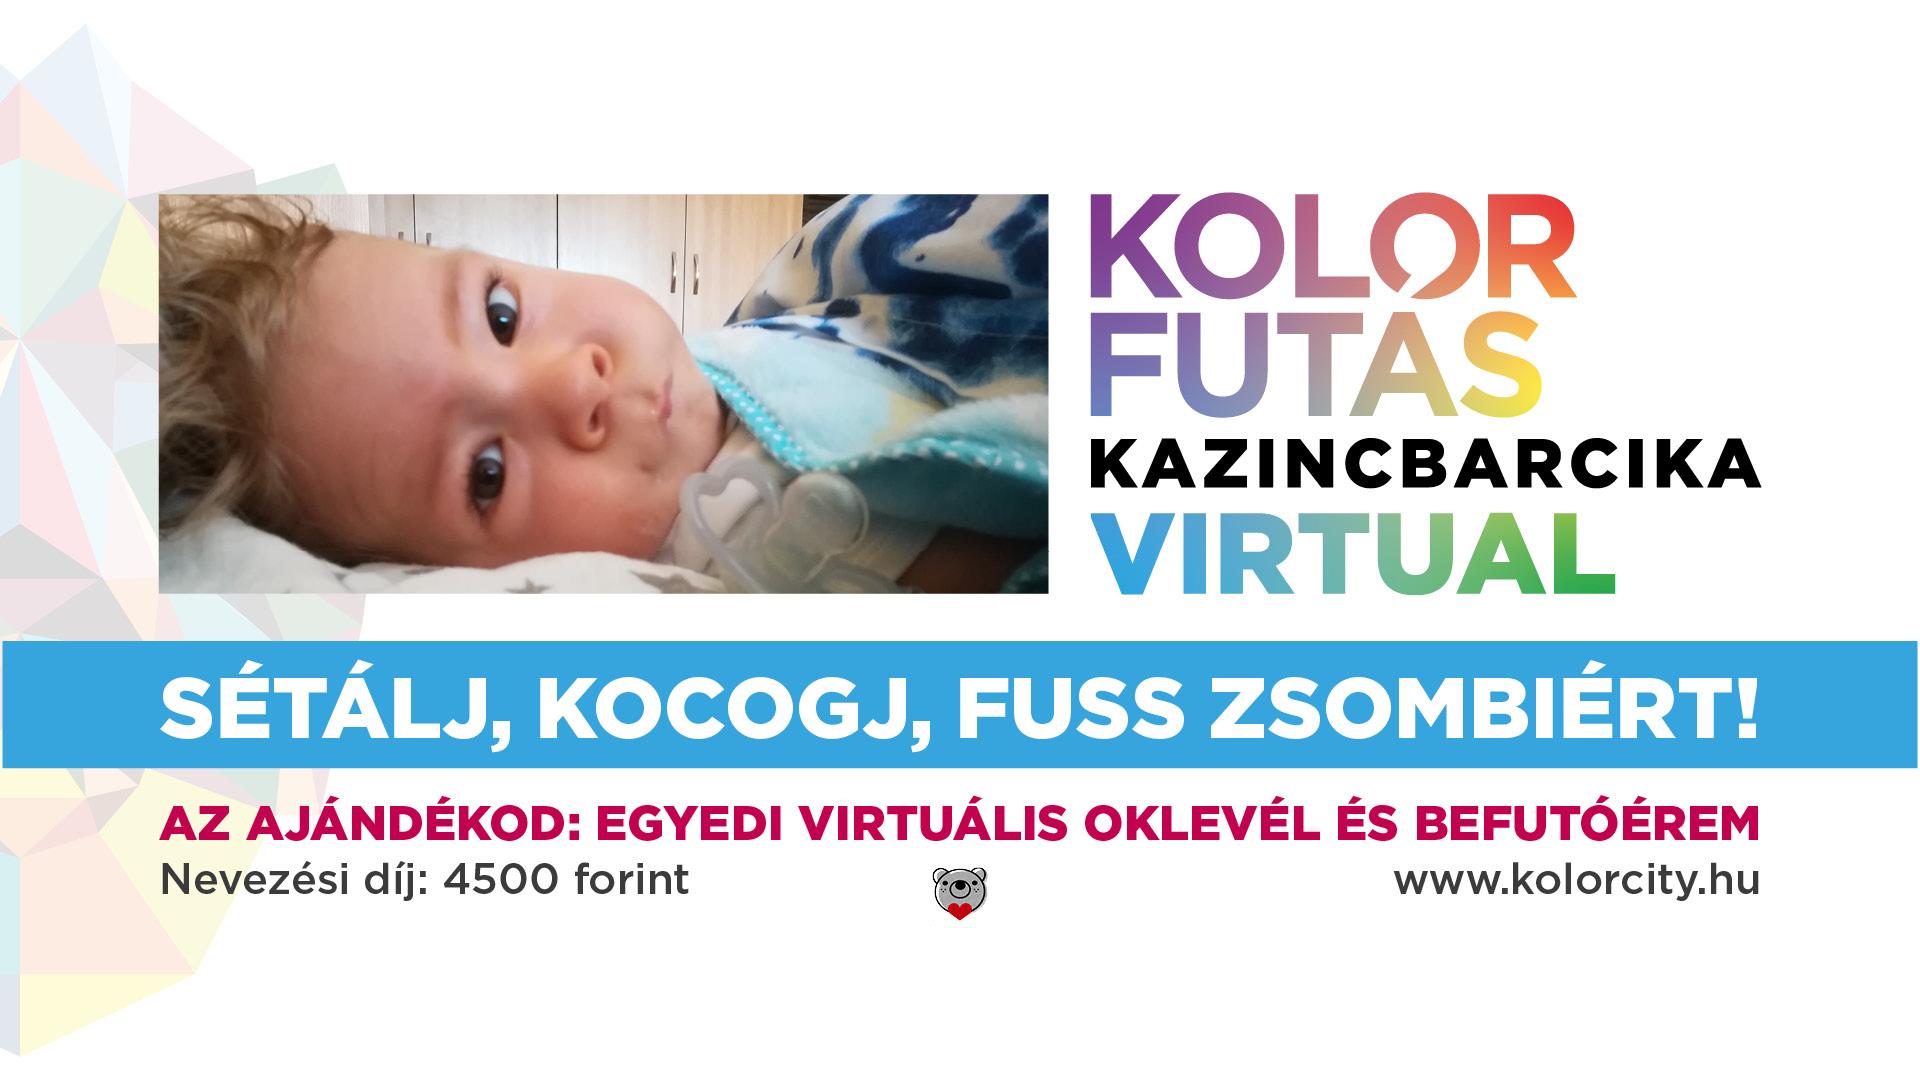 https://kolorline.hu/Virtuális Kolorfutás Kazincbarcika